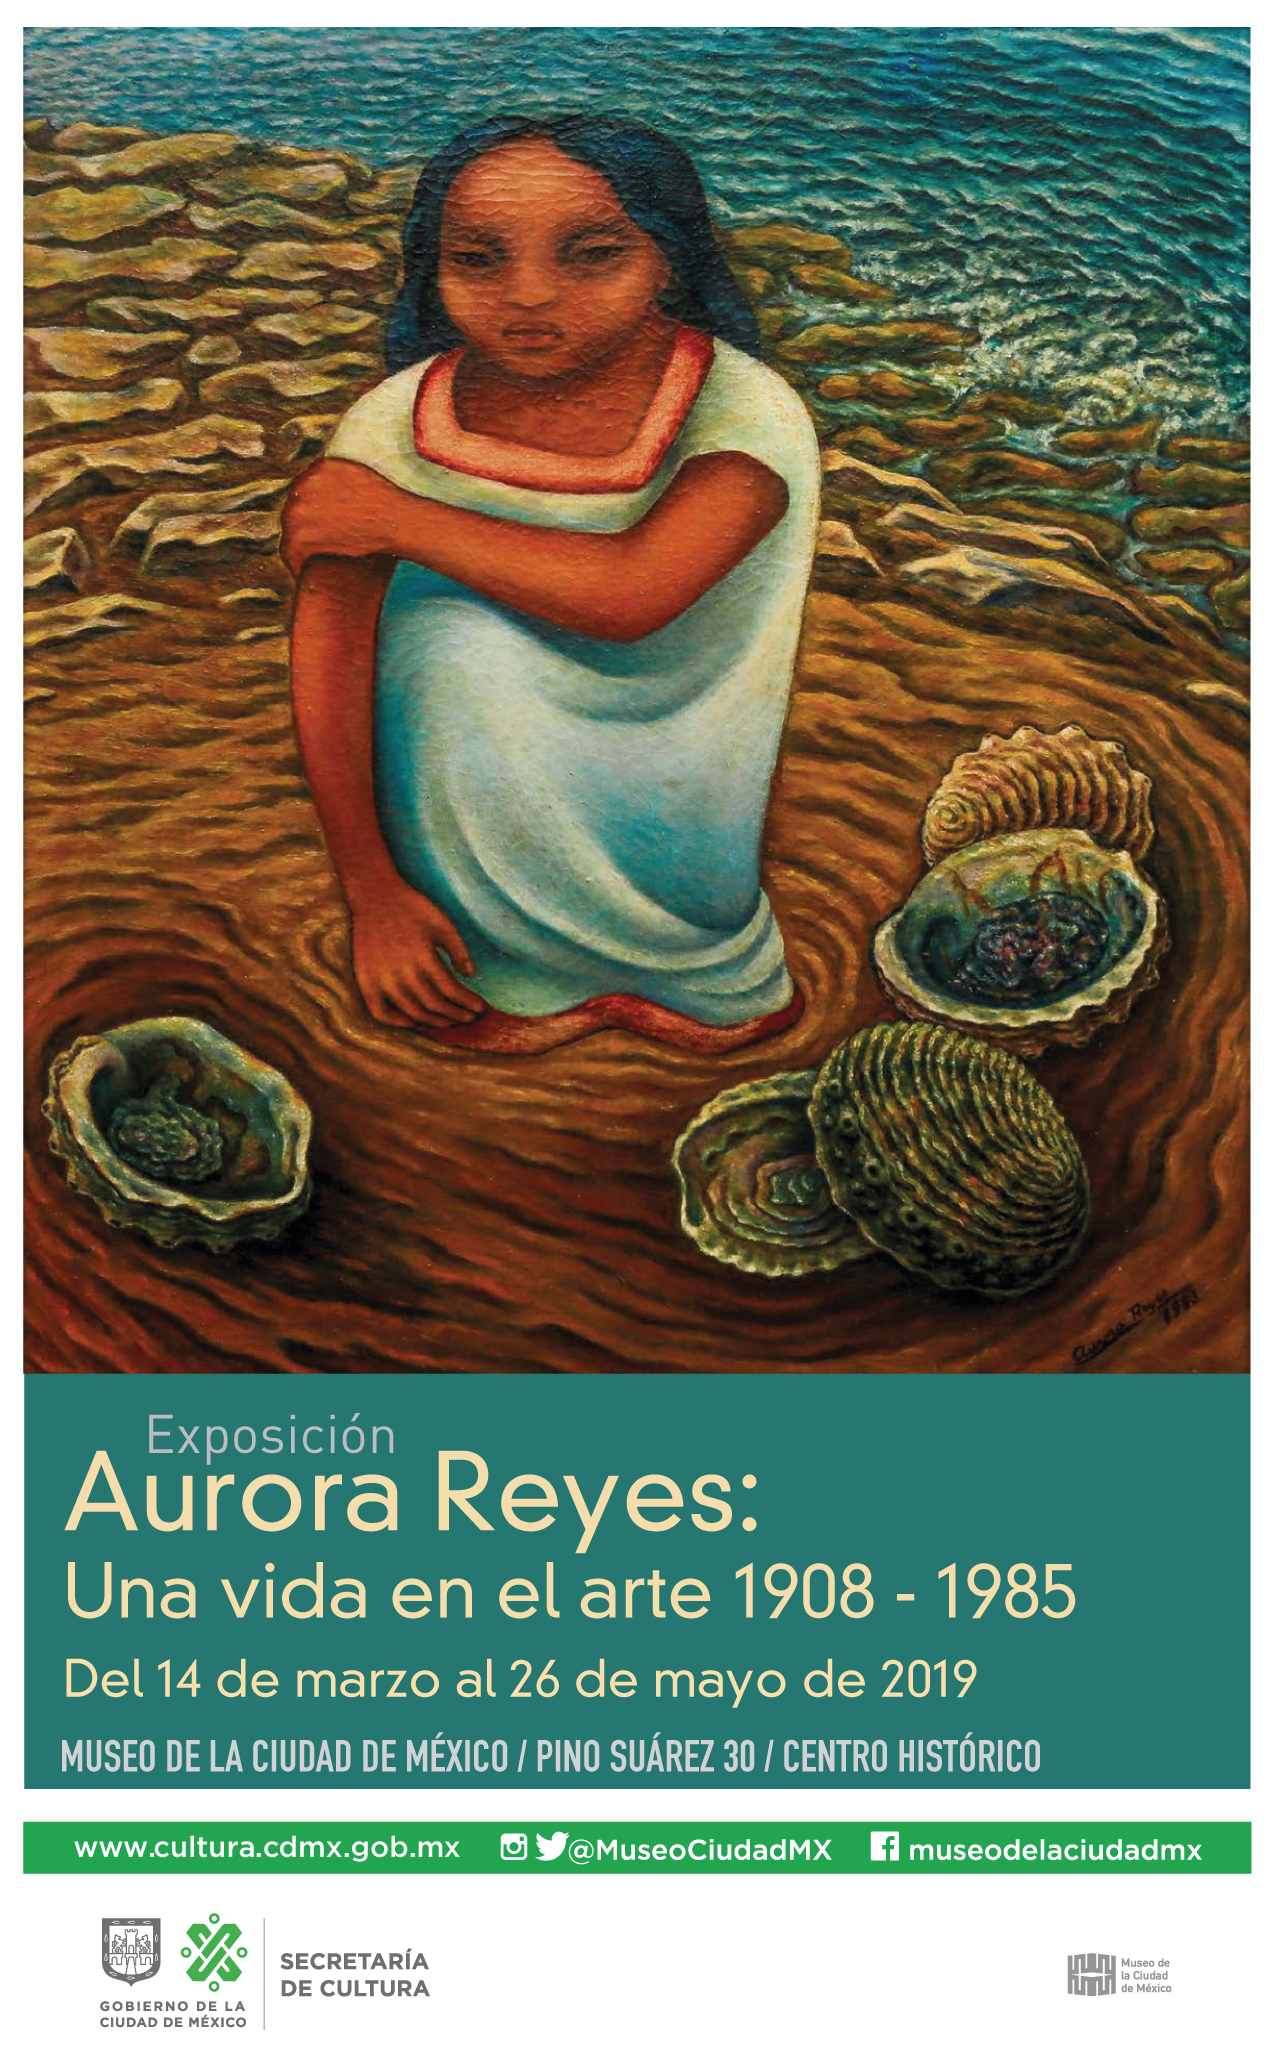 Aurora Reyes: Una vida en el arte 1908 - 1985